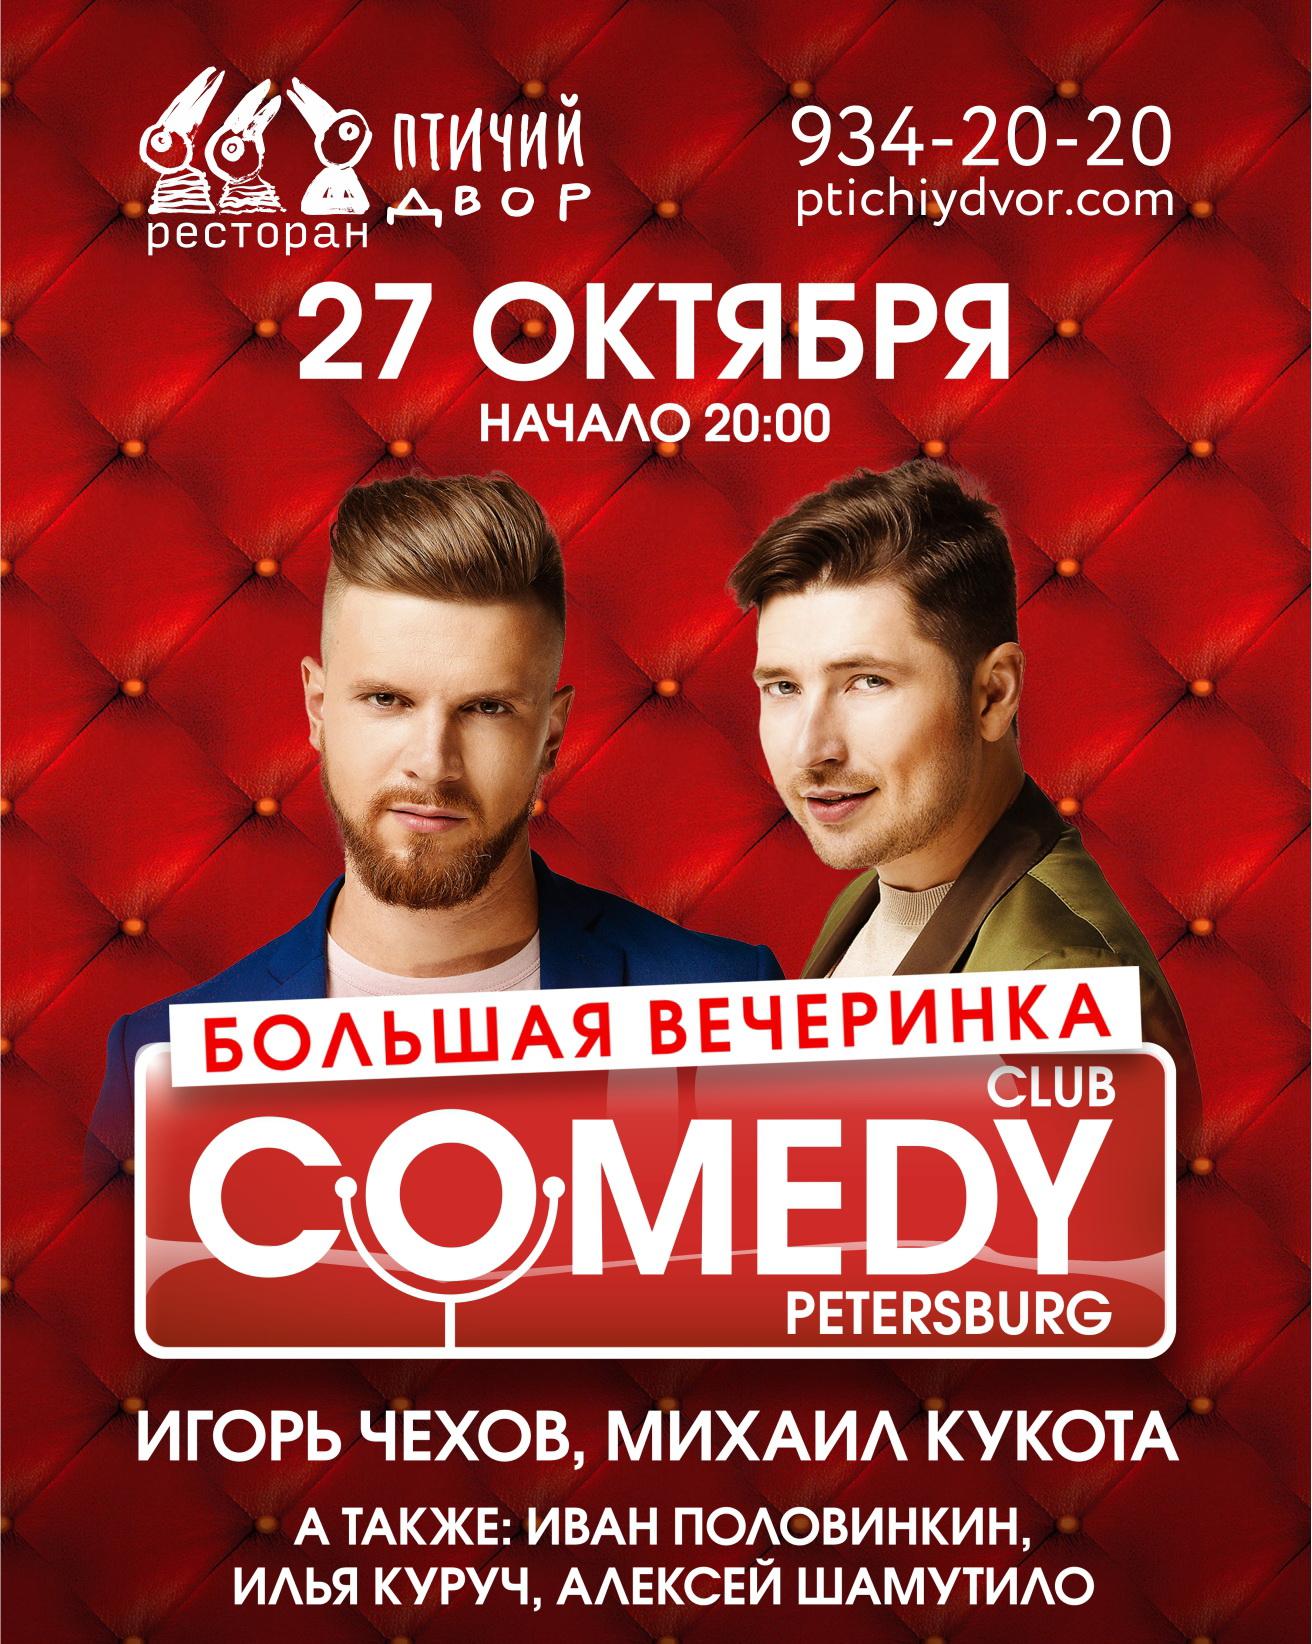 27 октября БОЛЬШАЯ ВЕЧЕРИНКА COMEDY CLUB